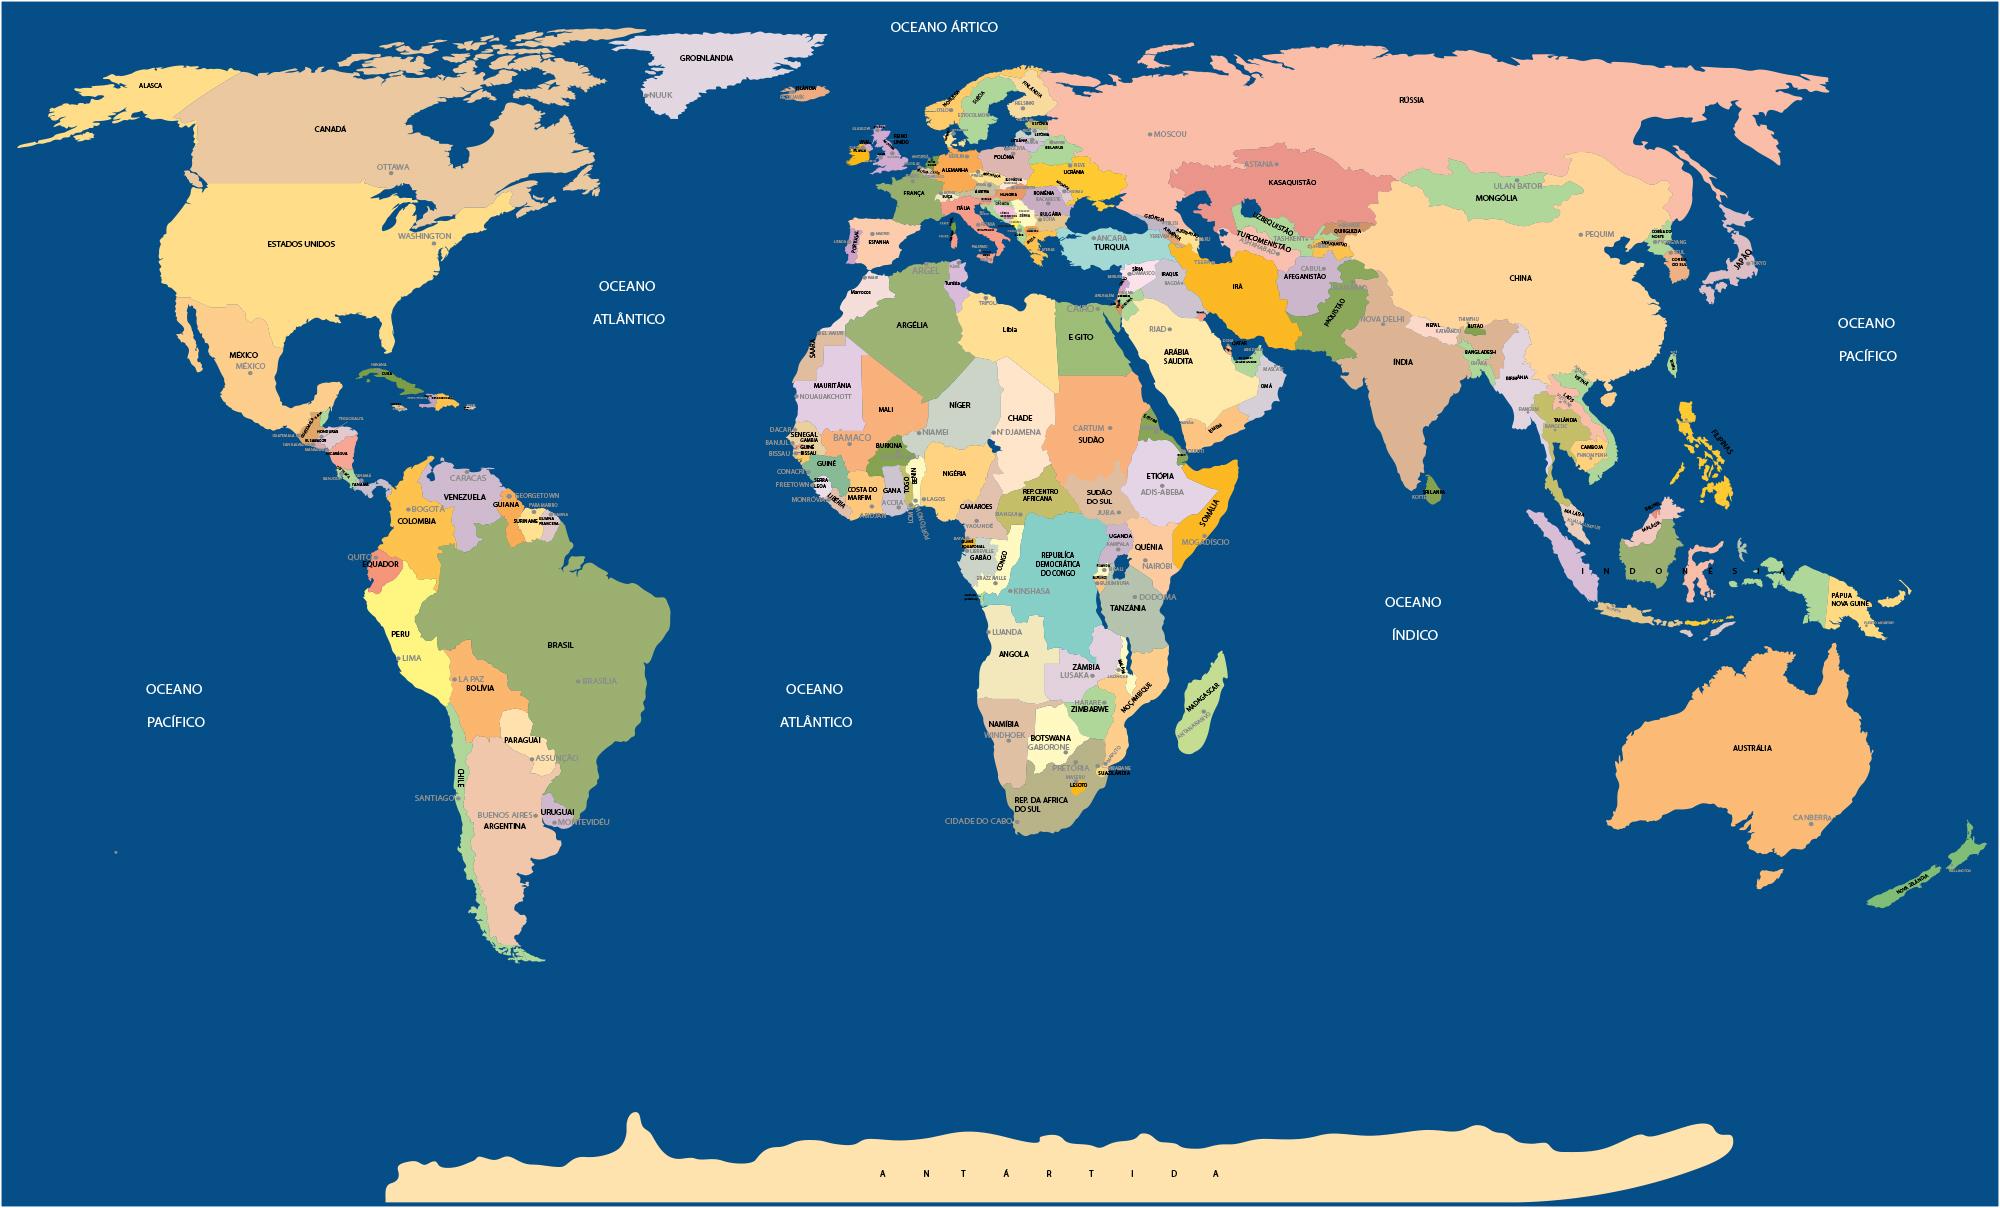 mapa mundi paises e capitais Mapa Mundi nome de todos os paises e capitais mapa mundi paises e capitais